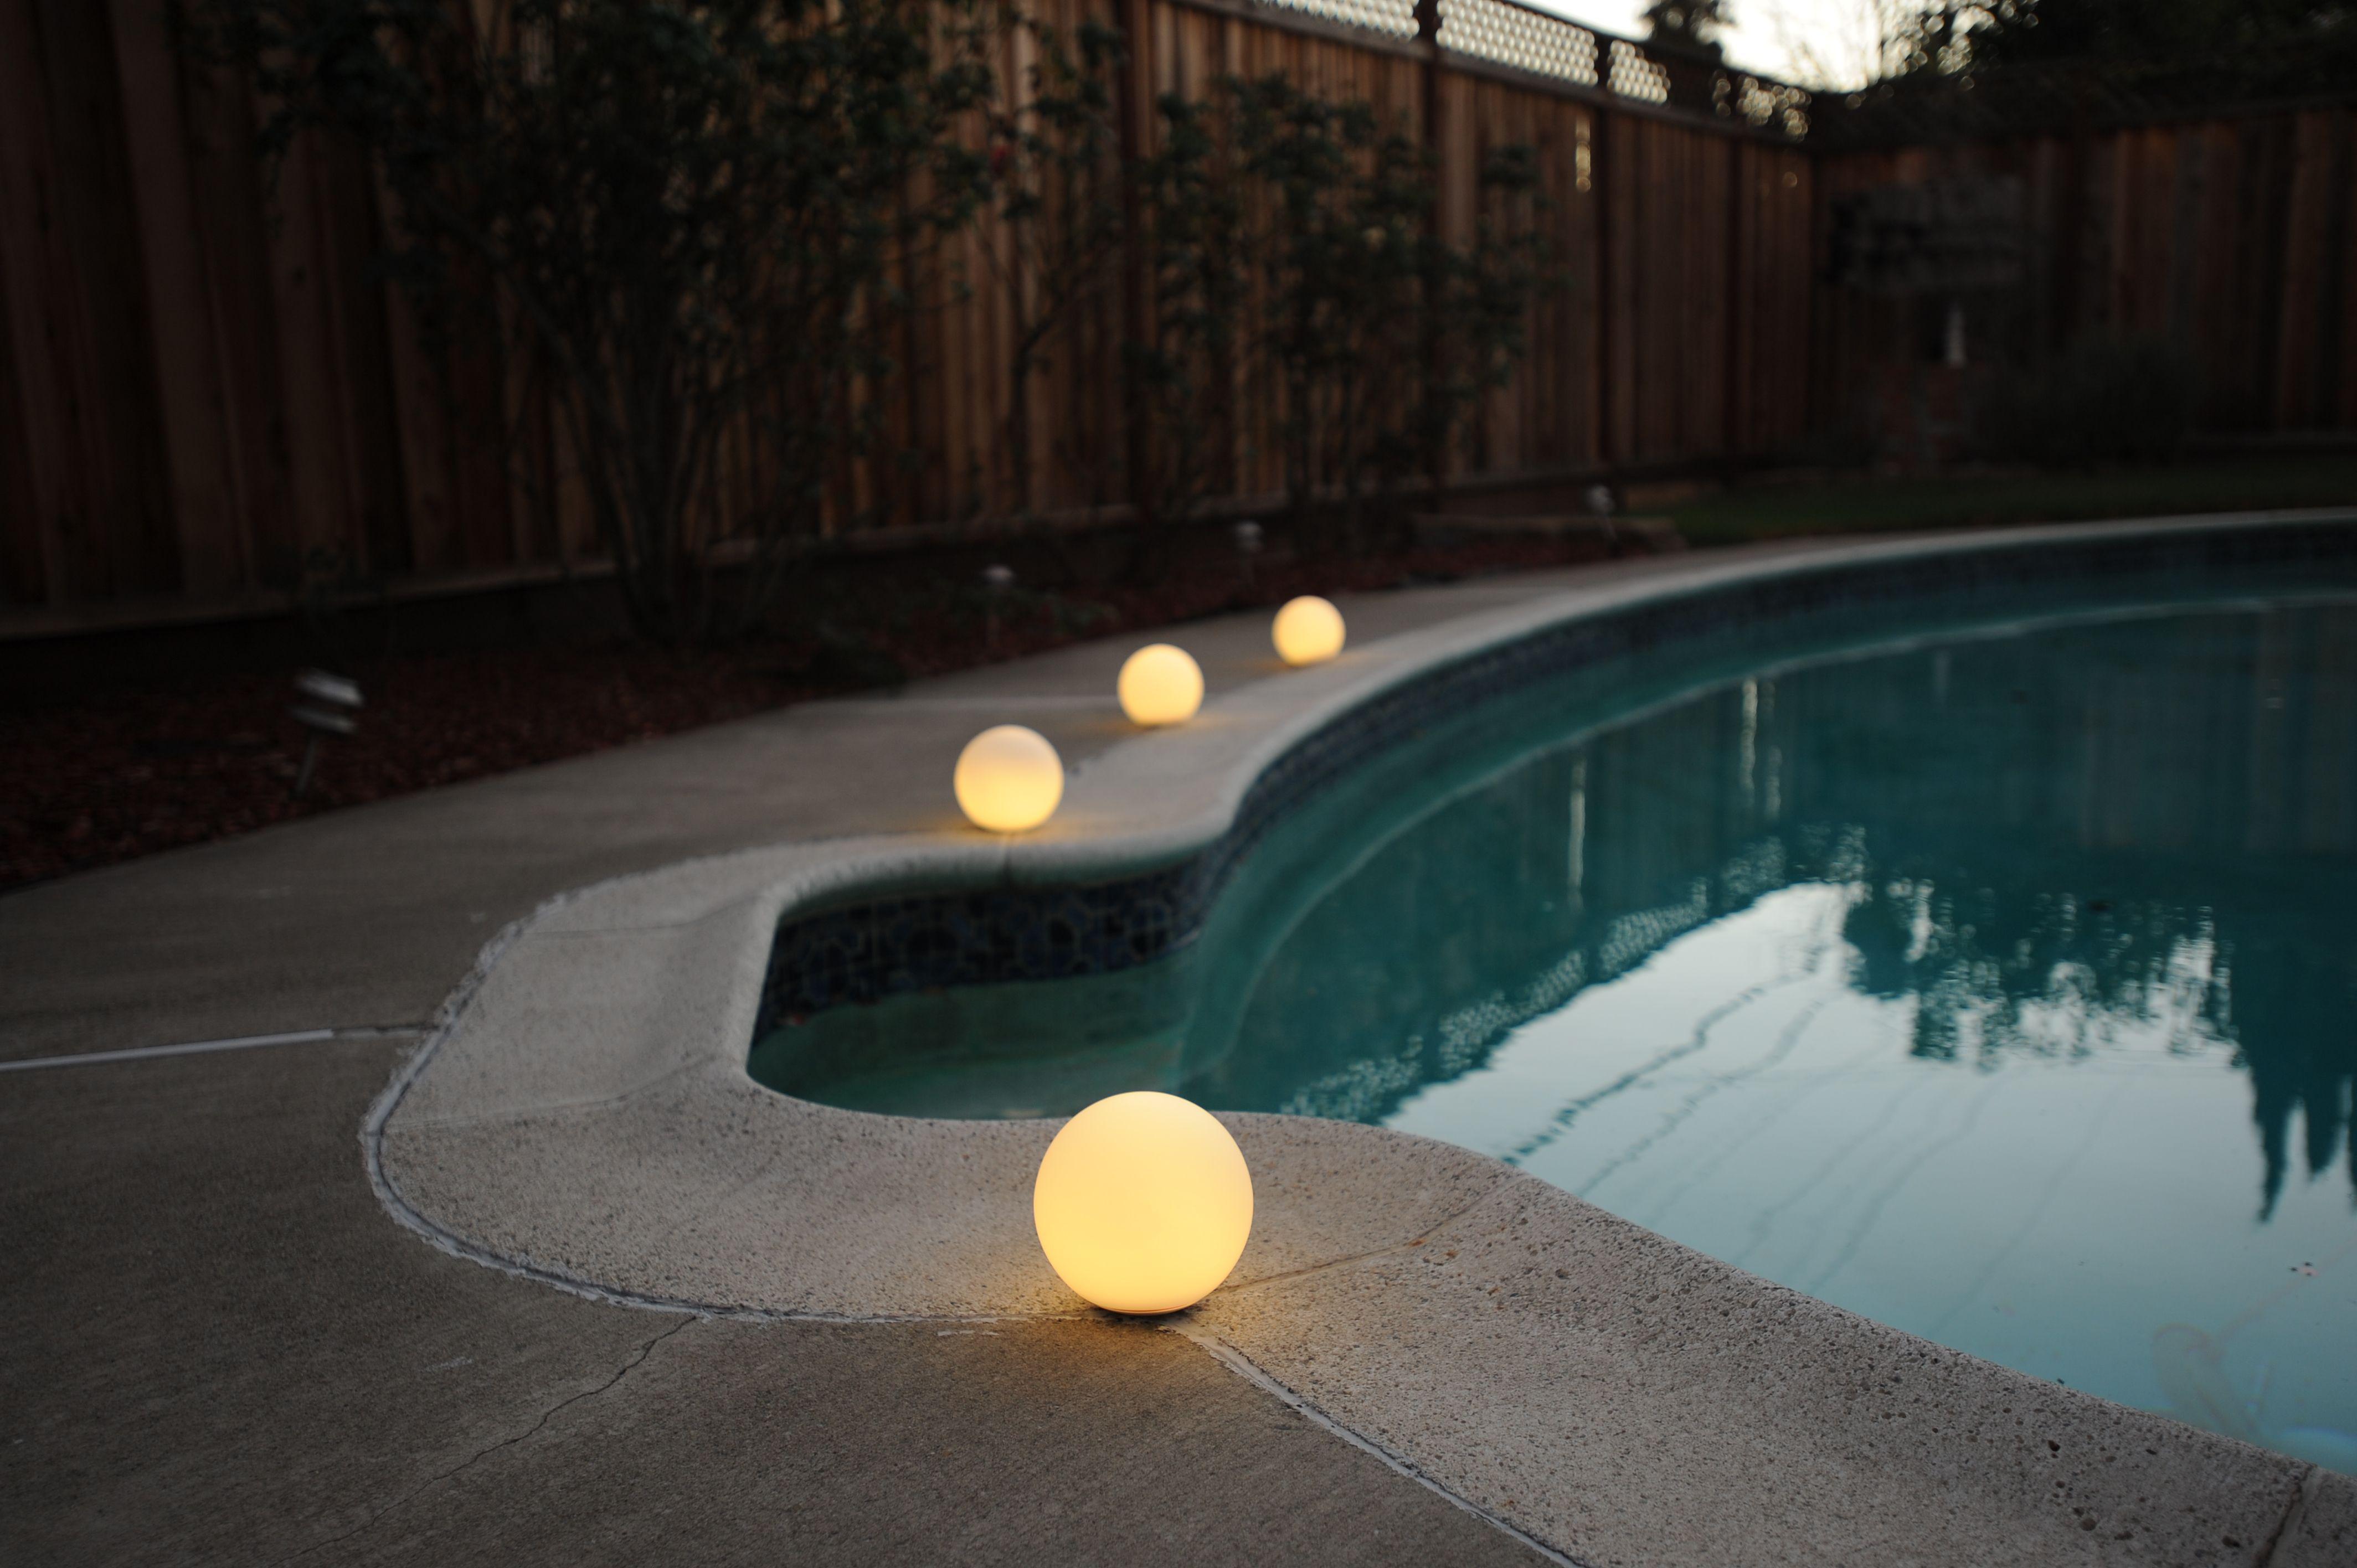 Eine Kugel Mit 1000 Einsatzmoglichkeiten Eine Erleuchtung Fur Drinnen Und Draussen Pool Garten Lampen Auss Pool Beleuchtung Aussenleuchten Lichtinstallation